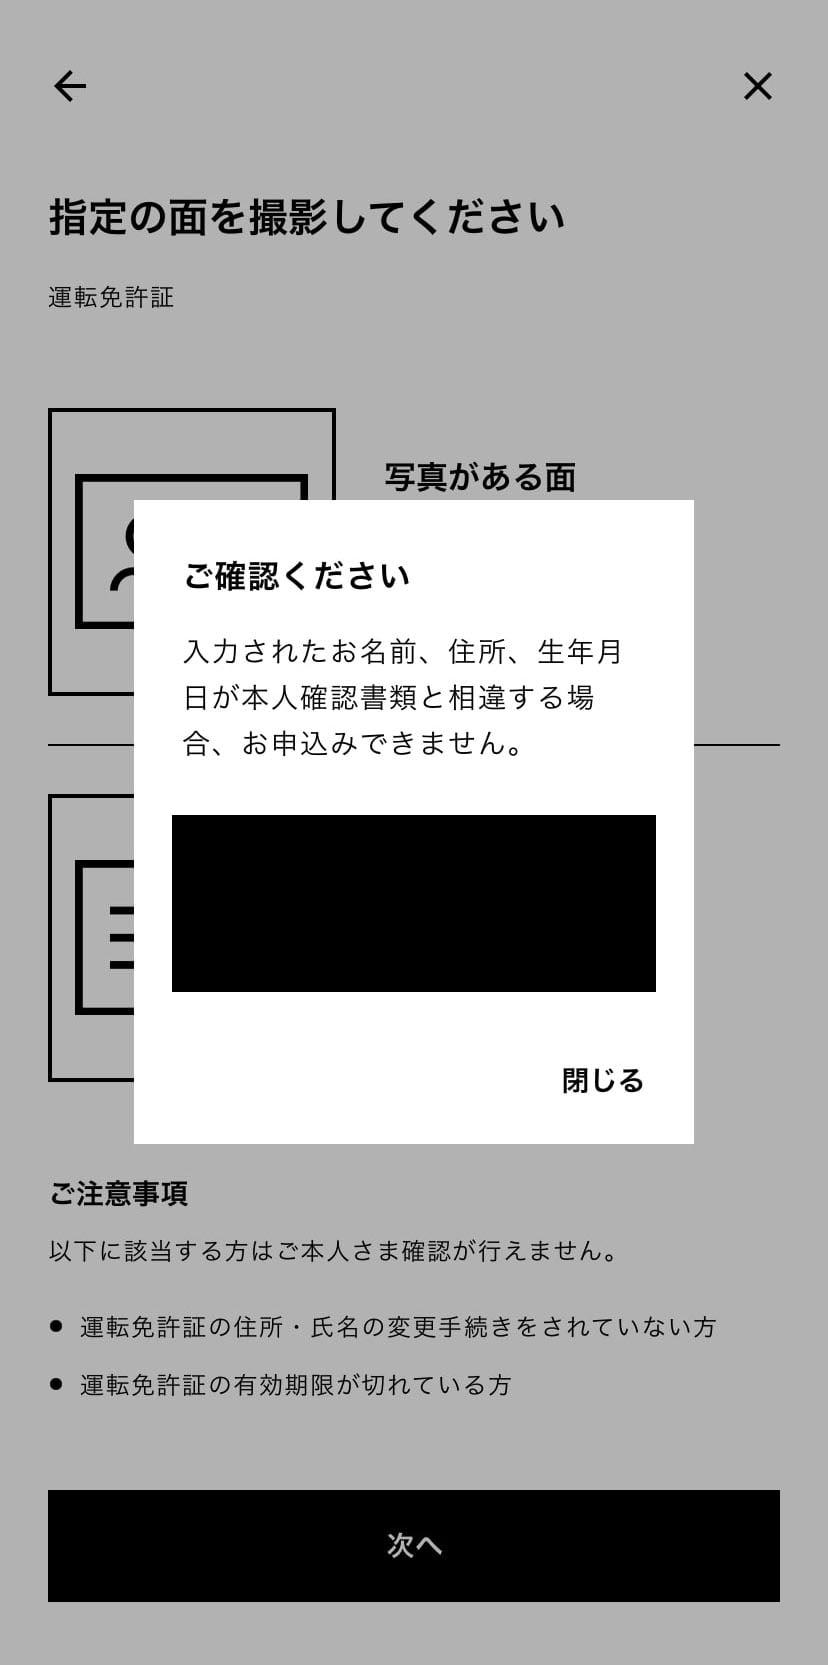 本人確認書類と、入力した個人情報の内容とが同じか確認します。